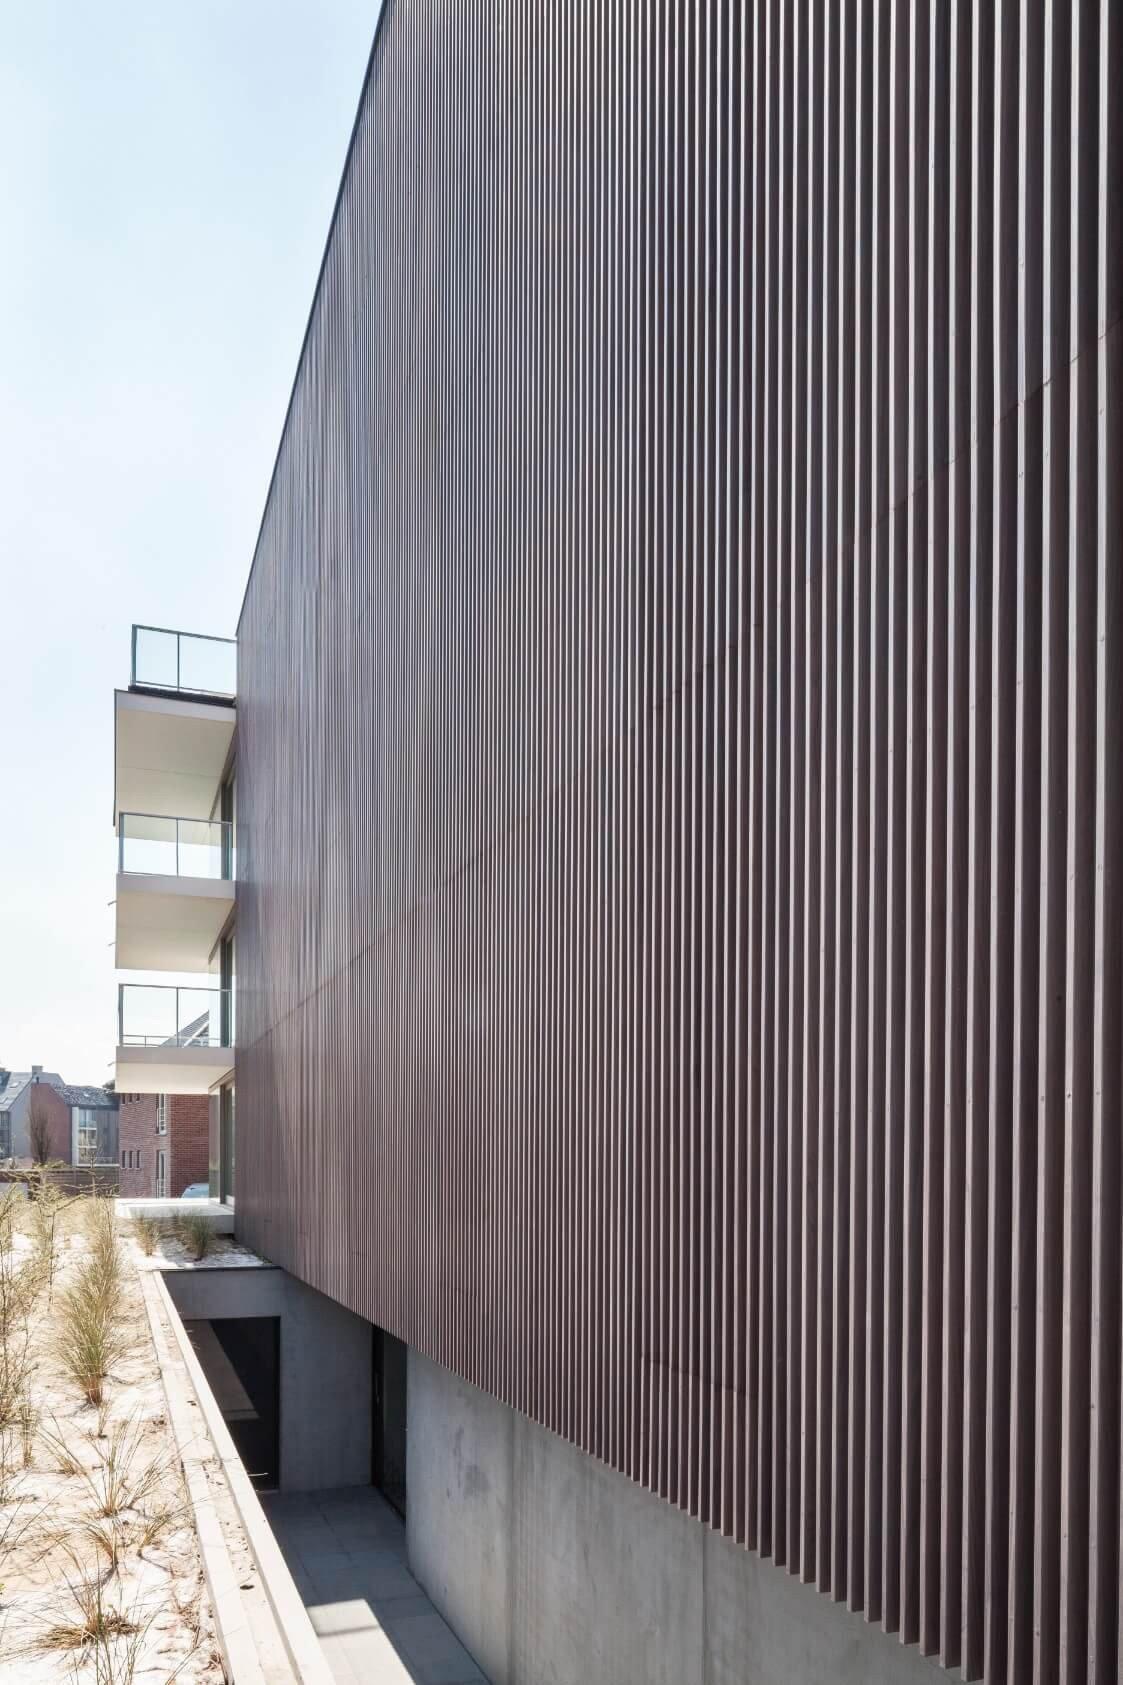 Res-JeanProuve-Rietveldprojects-photobytimvandevelde-11.jpg